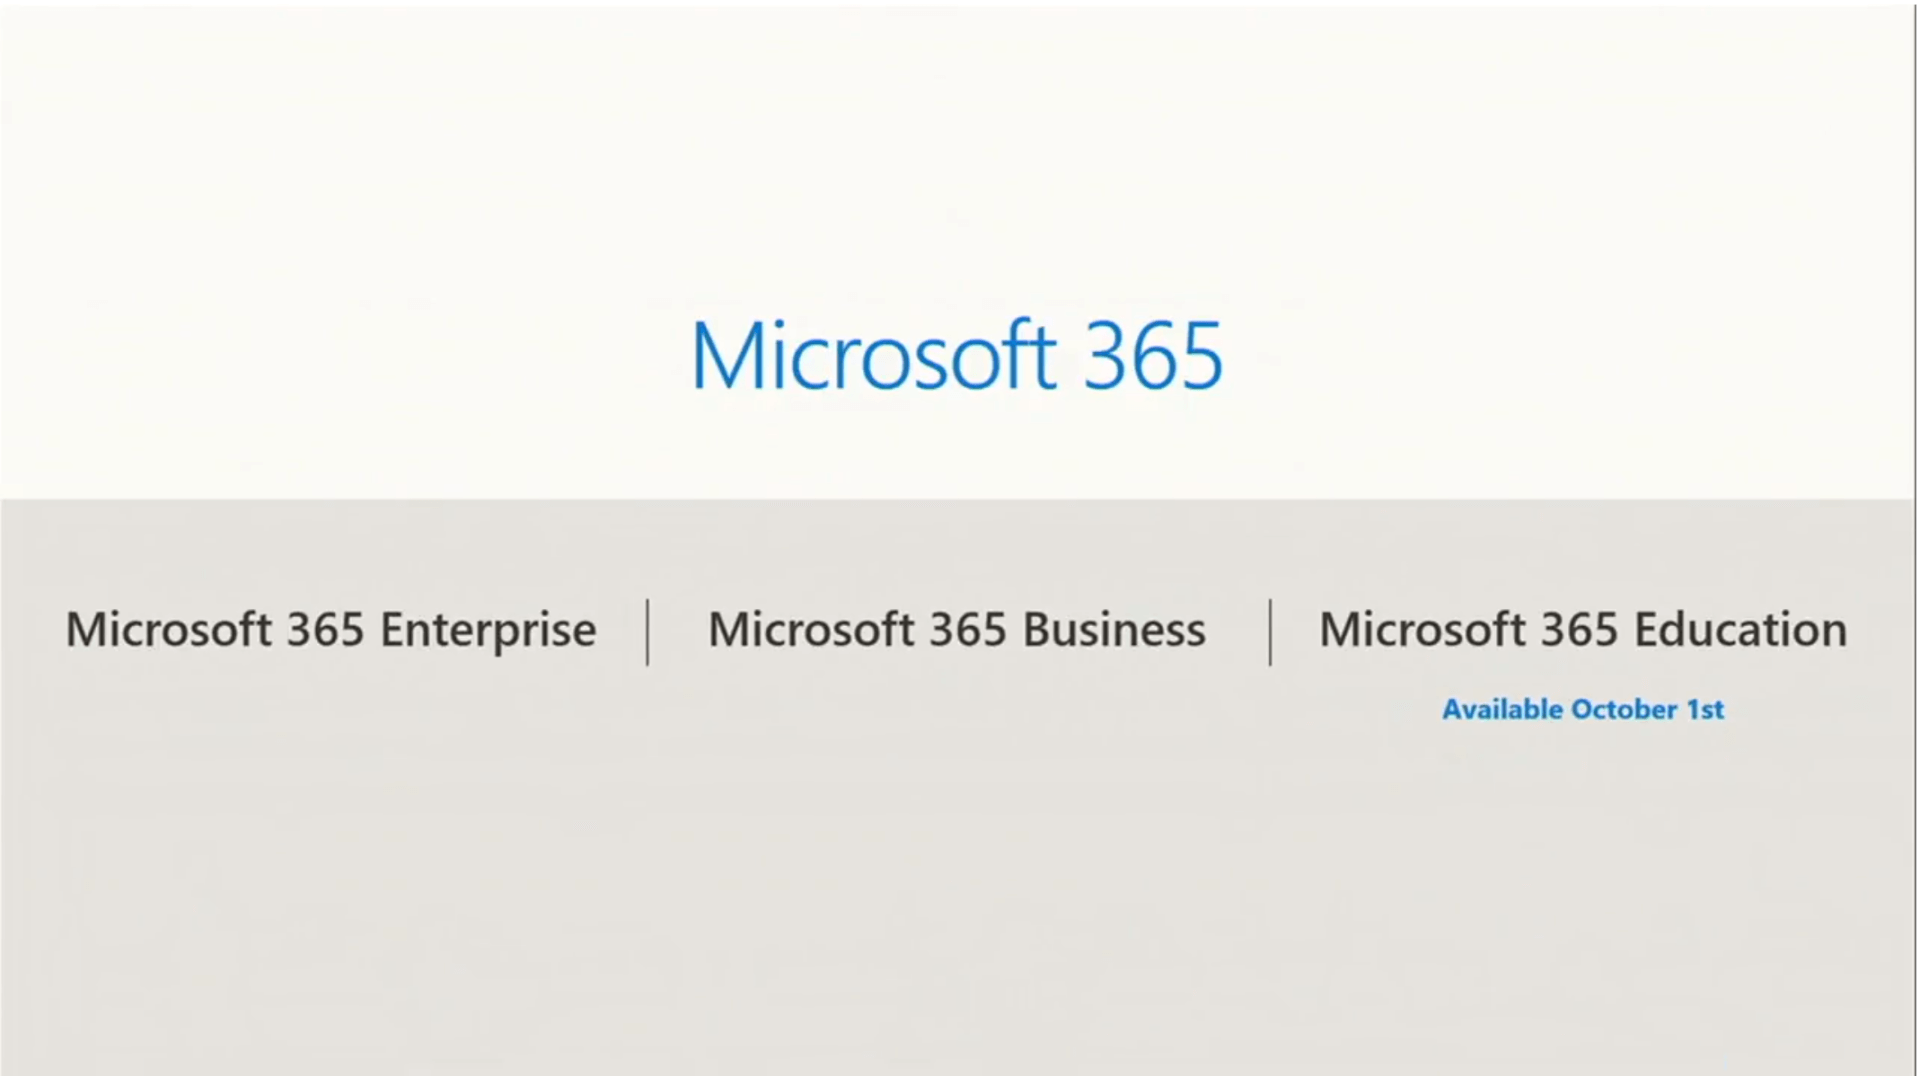 Texte de remplacement généré par une machine: Microsoft 365 Enterprise Microsoft 365 Microsoft 365 Business Microsoft 365 Education Available October Ist